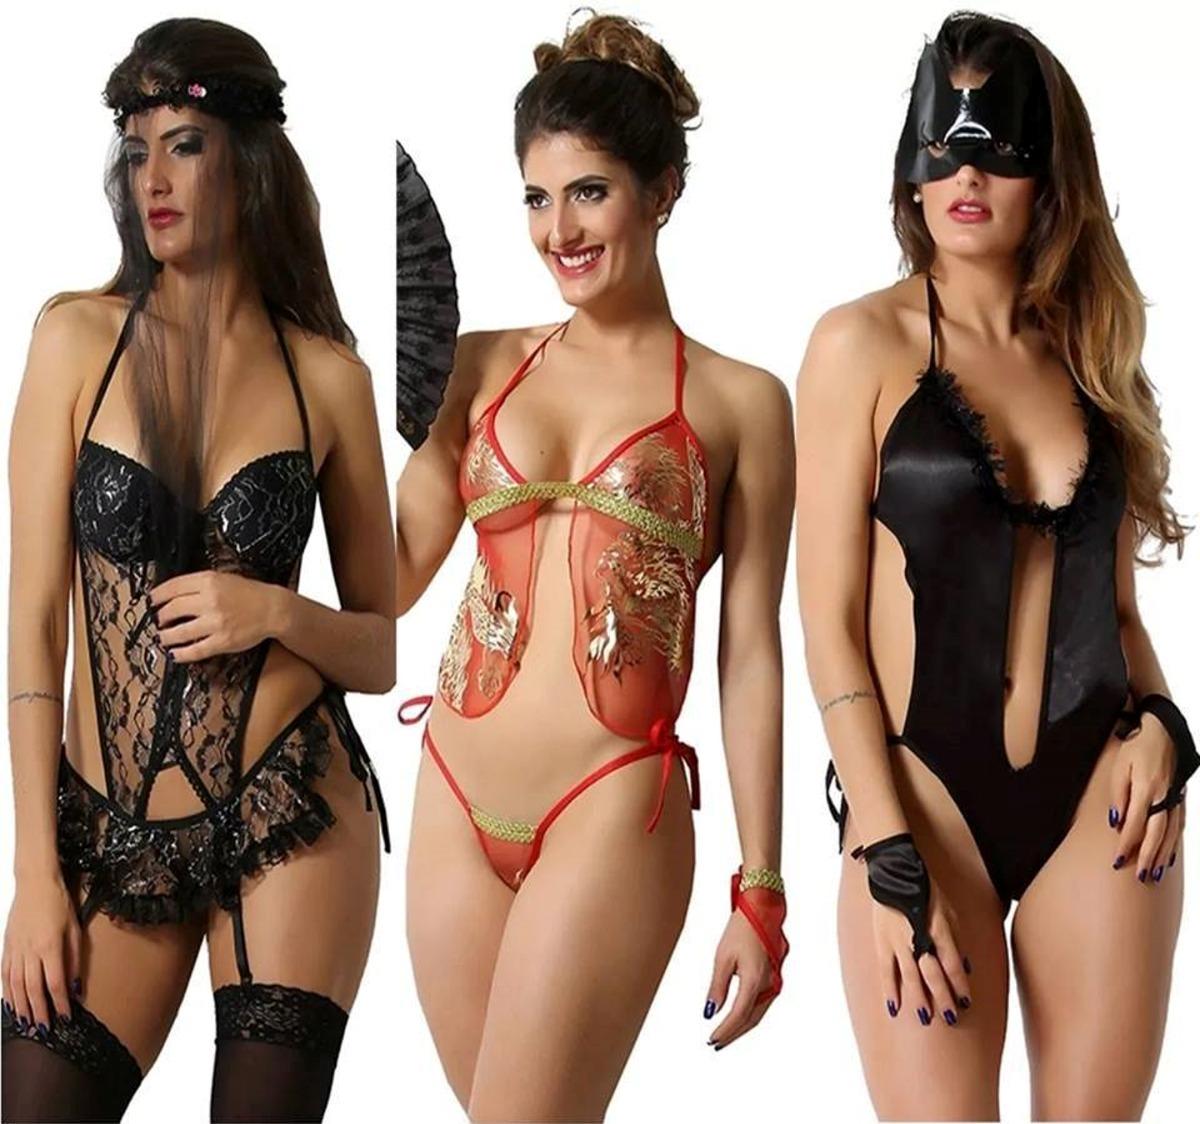 ced6d45d6 lingerie erotica kit com 3 moda sexy moda intima barata. Carregando zoom.